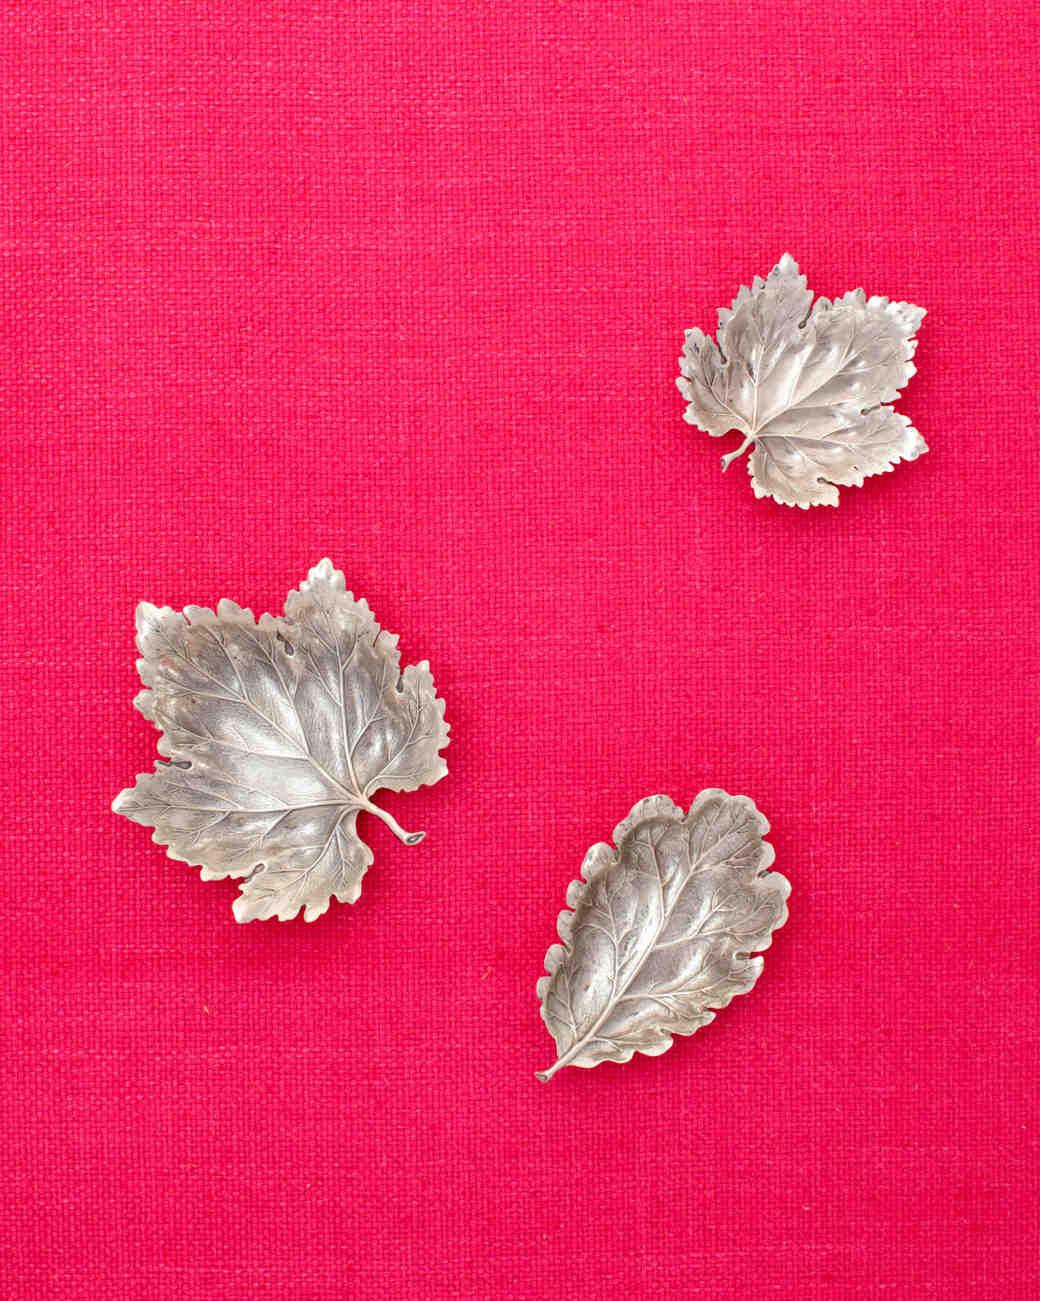 silver-leaves-wd107851.jpg